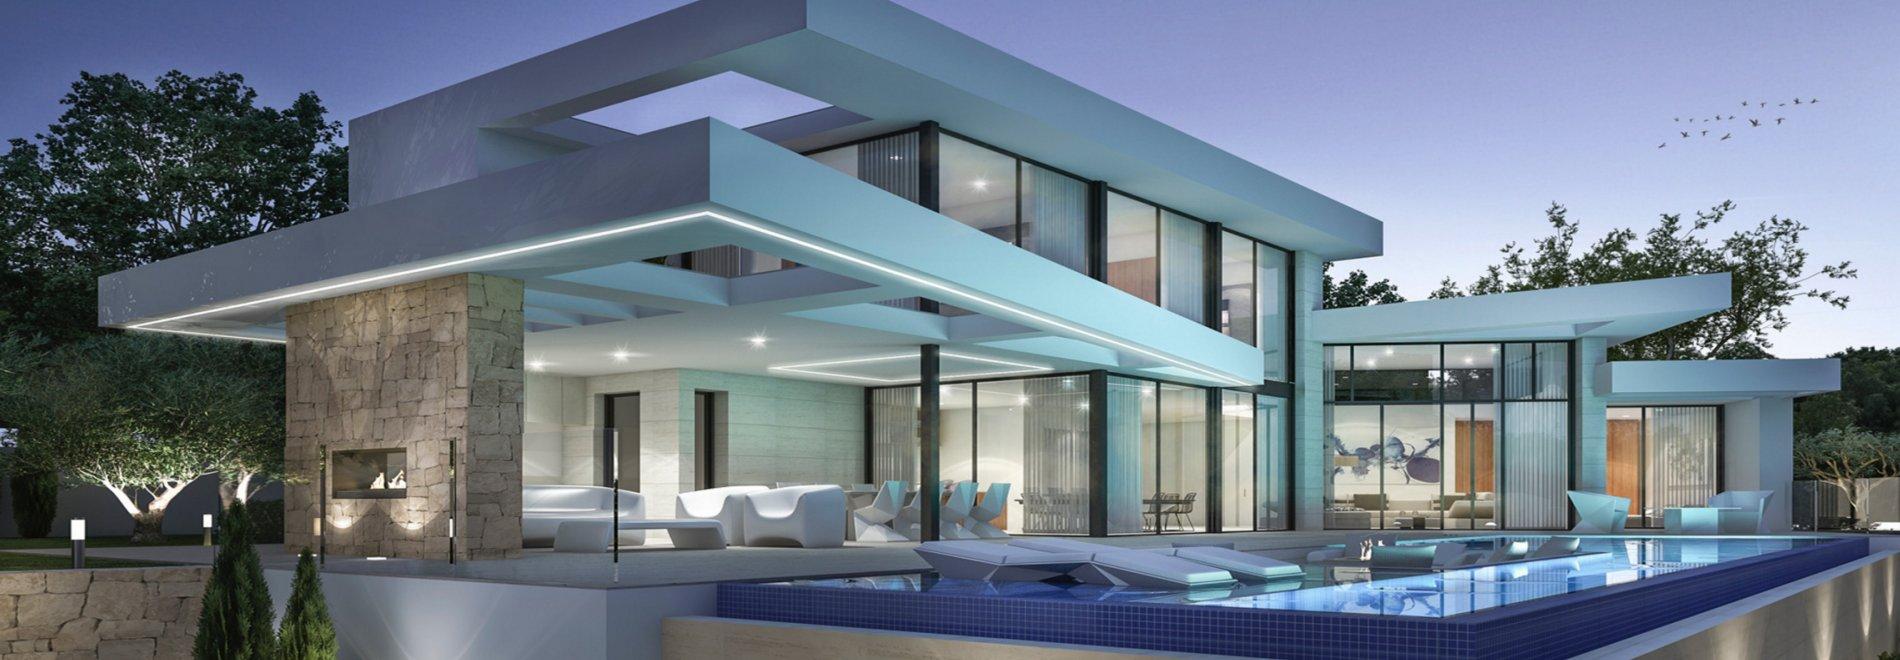 Villas in Spanje